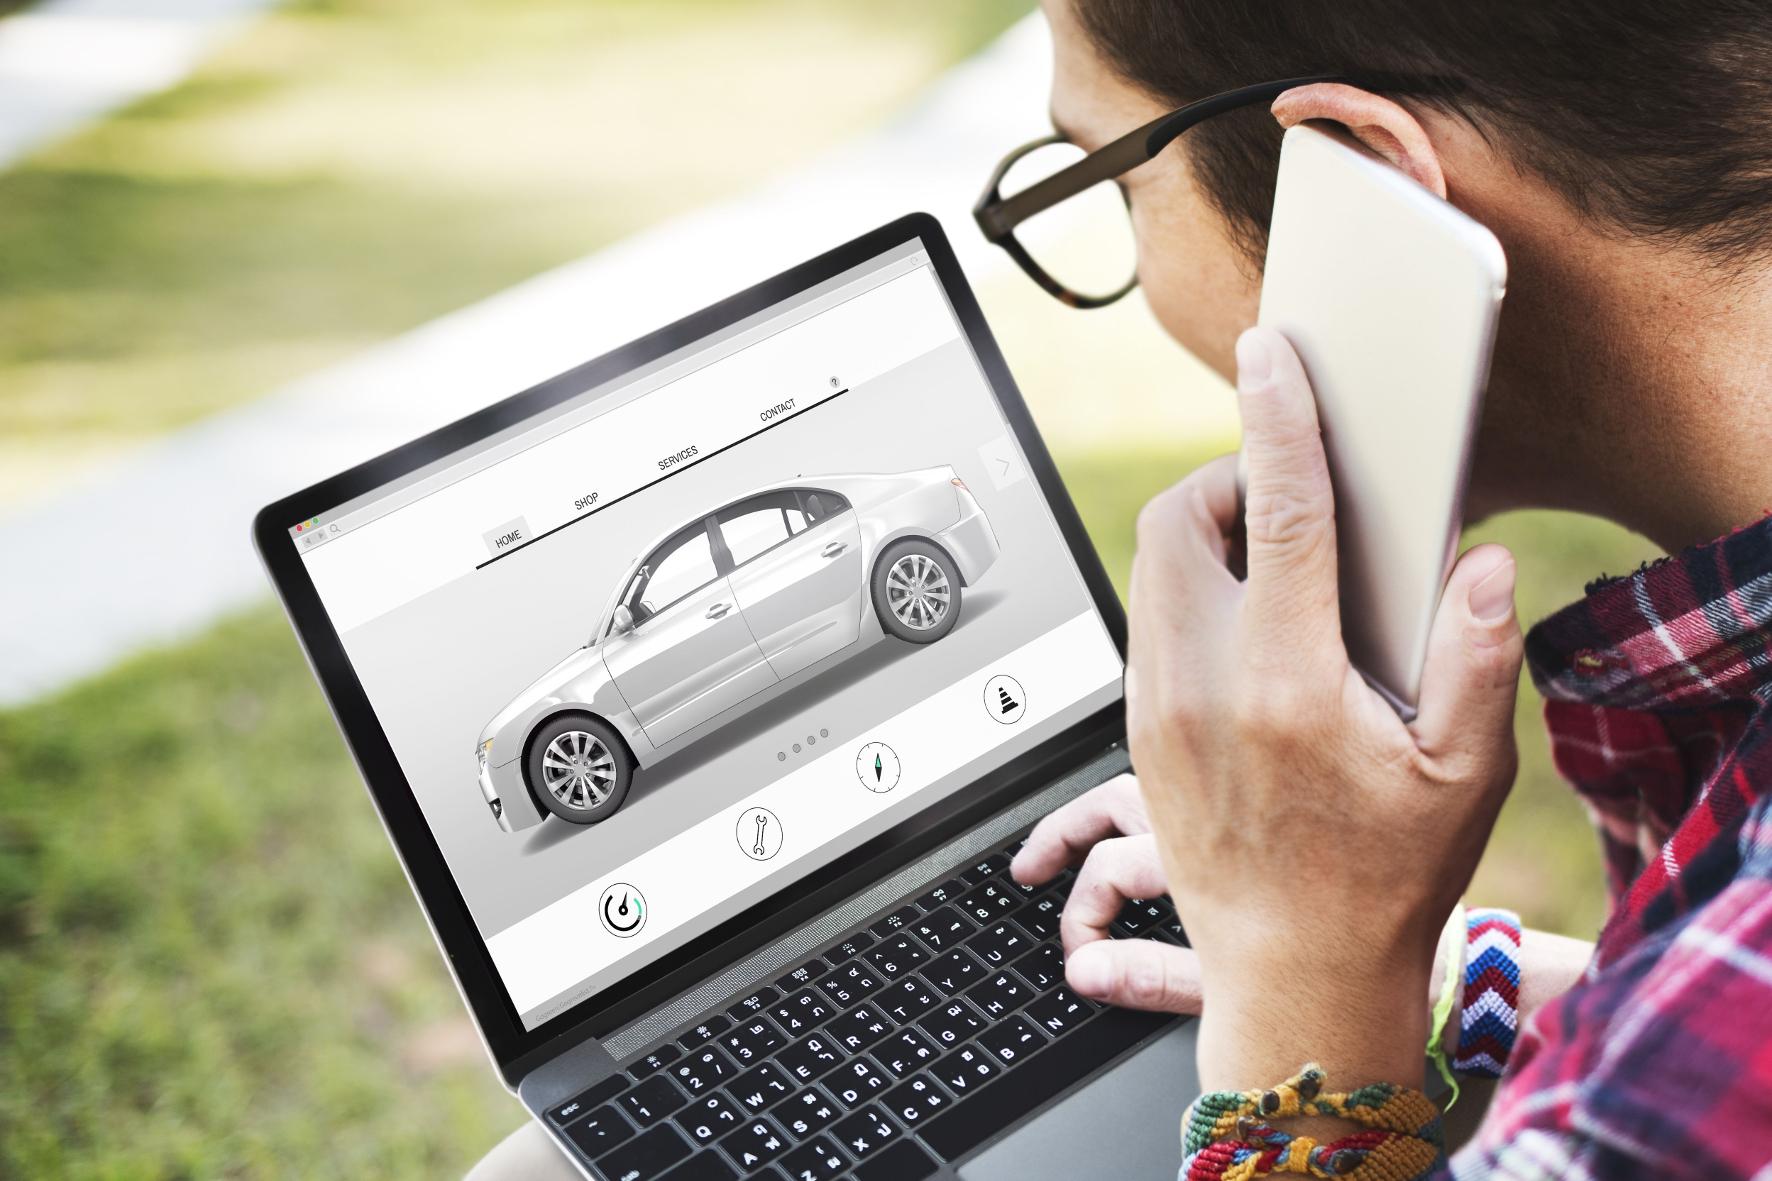 mid Groß-Gerau - Die Preise für gebrauchte Kleinwagen und Mittelklasse-Fahrzeuge steigen aktuell deutlich an. Rawpixel Ltd@fotolia.com